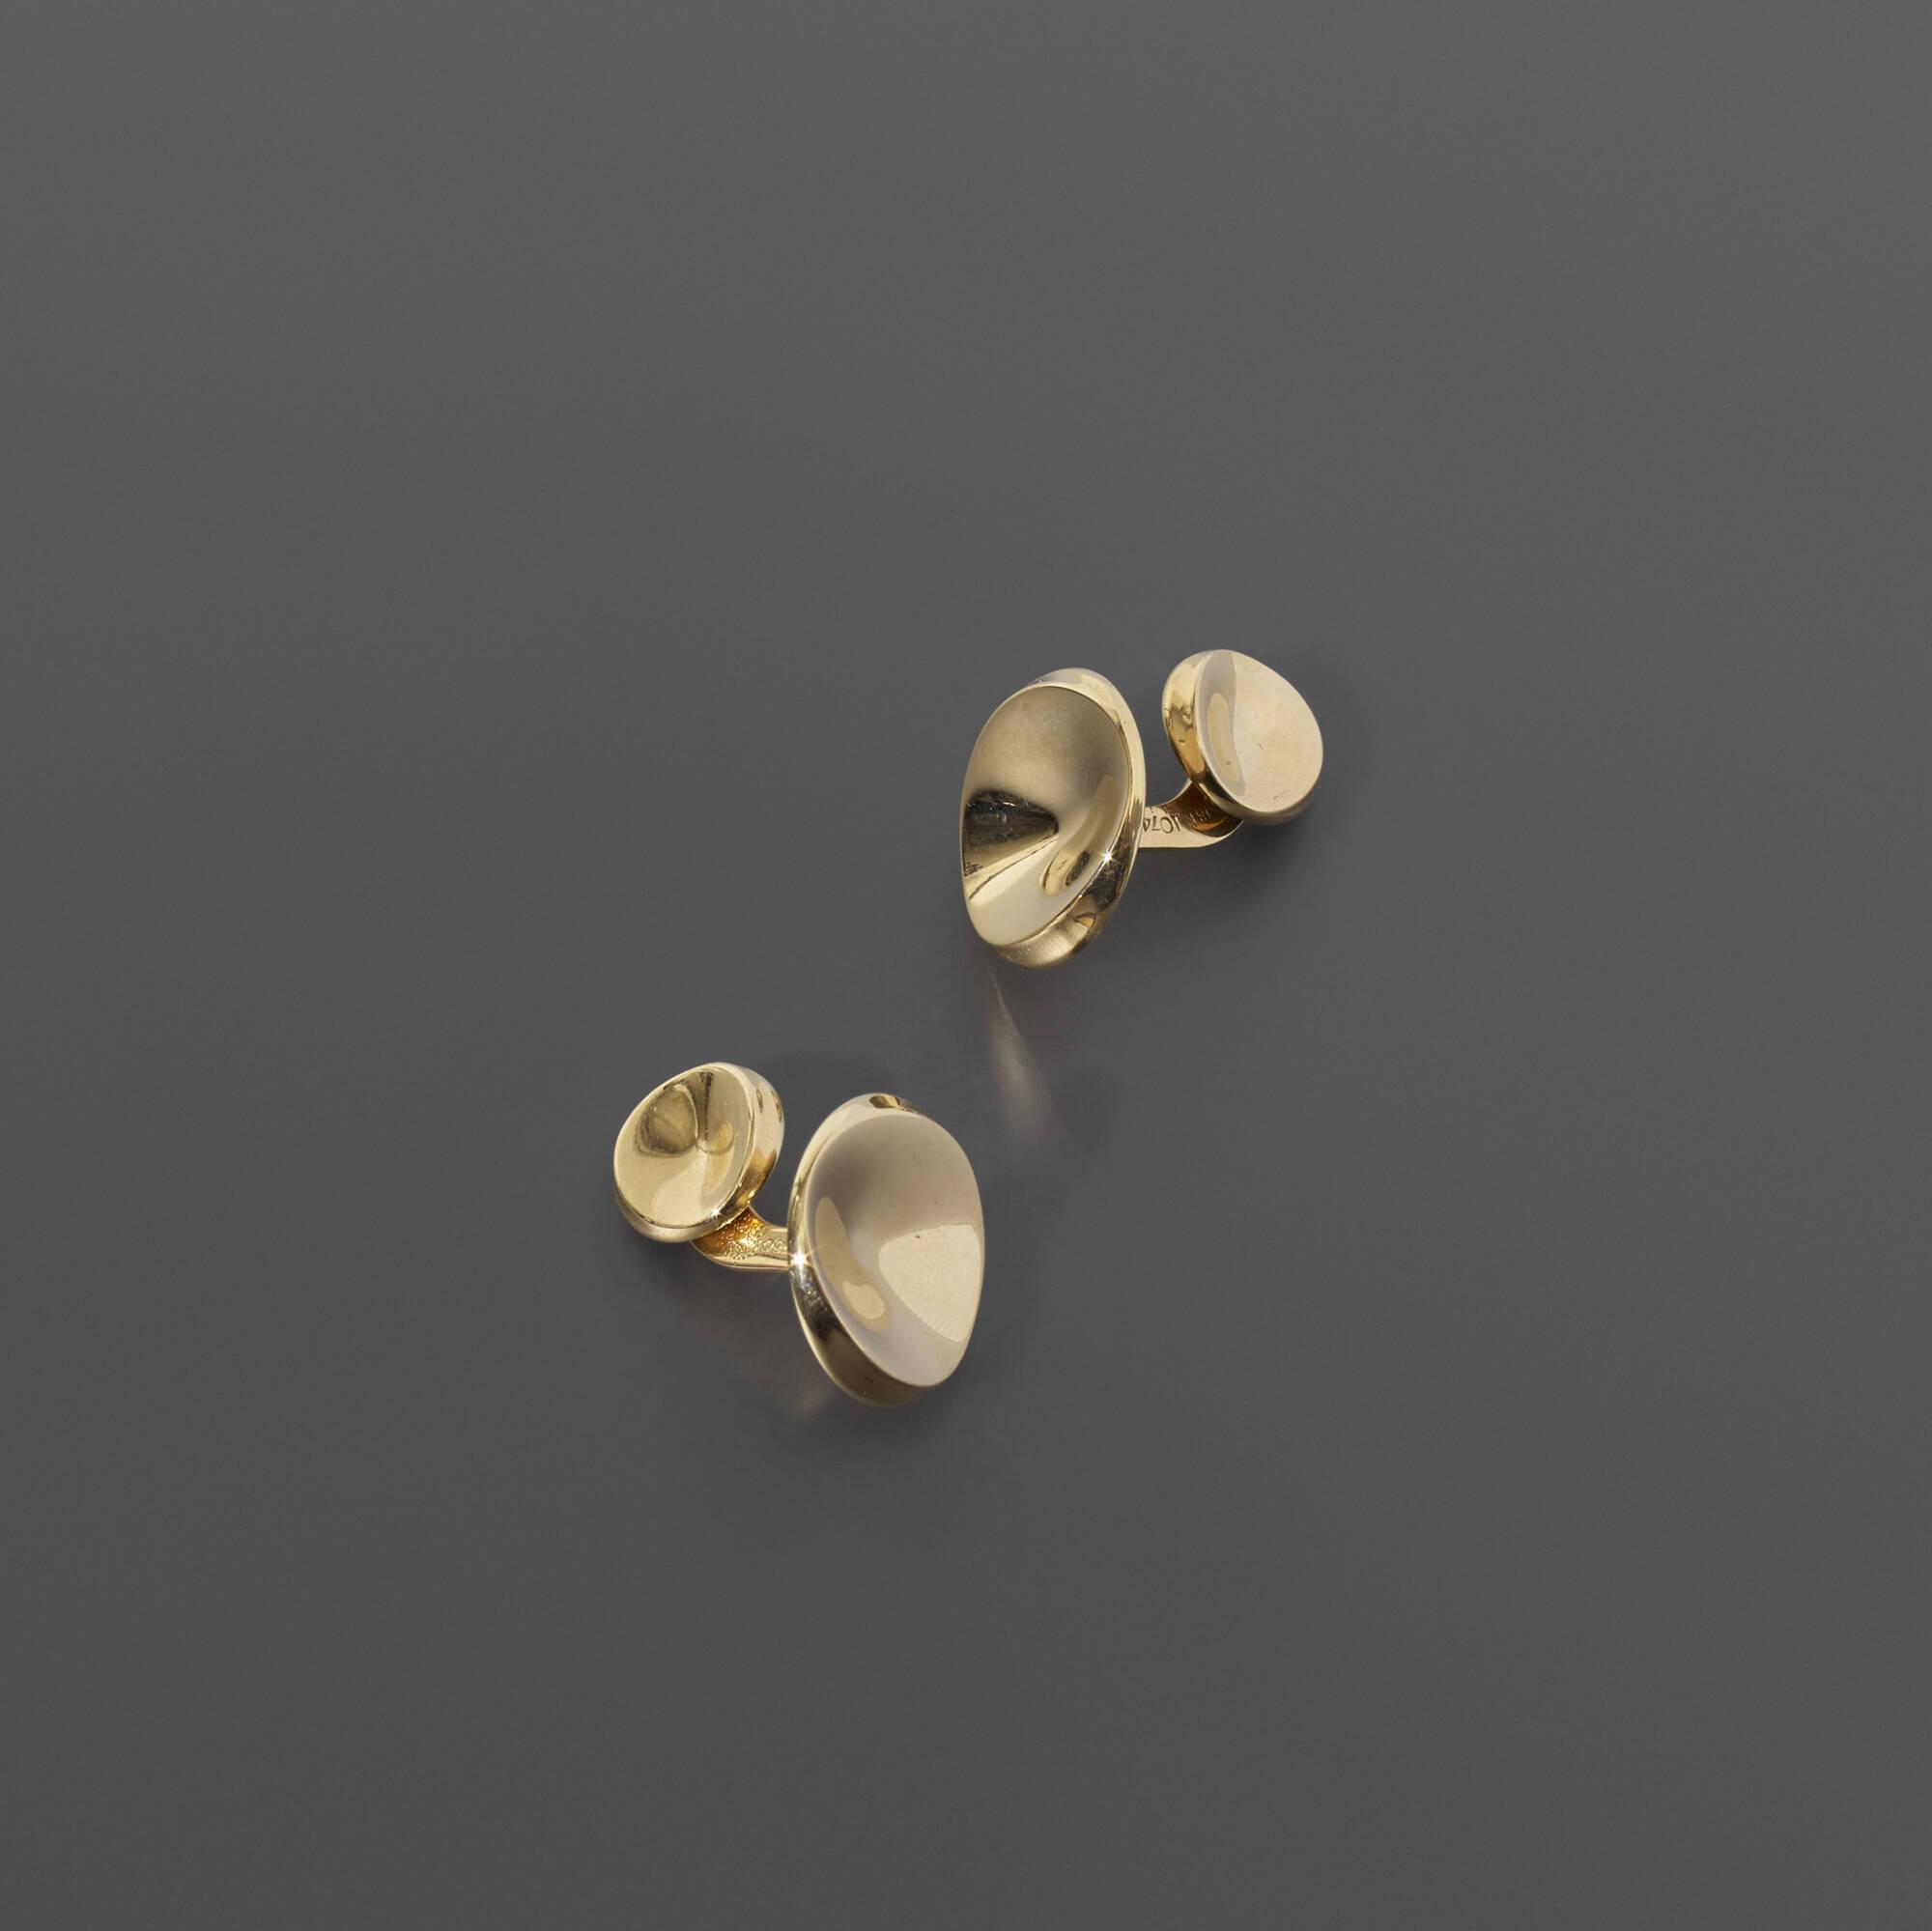 235: Nanna Ditzel / cufflinks, pair (1 of 1)